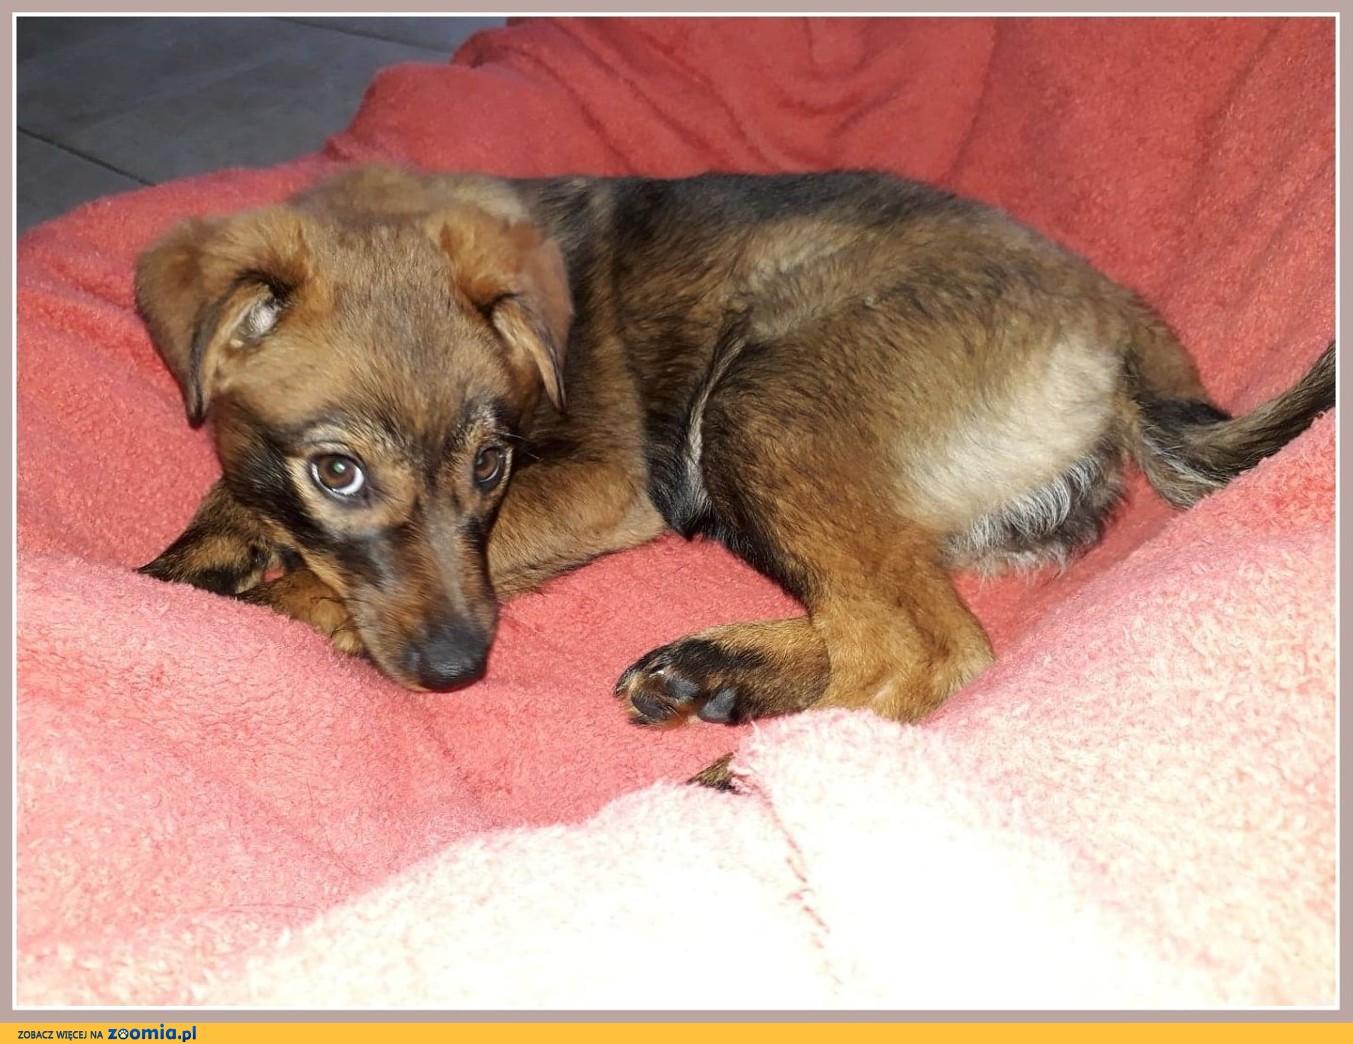 Przesympatyczna suczka RUDZIA,szczeniak 3 m-ce,mądra,grzeczna,łagodna,zaszczepiona.Adopcja.